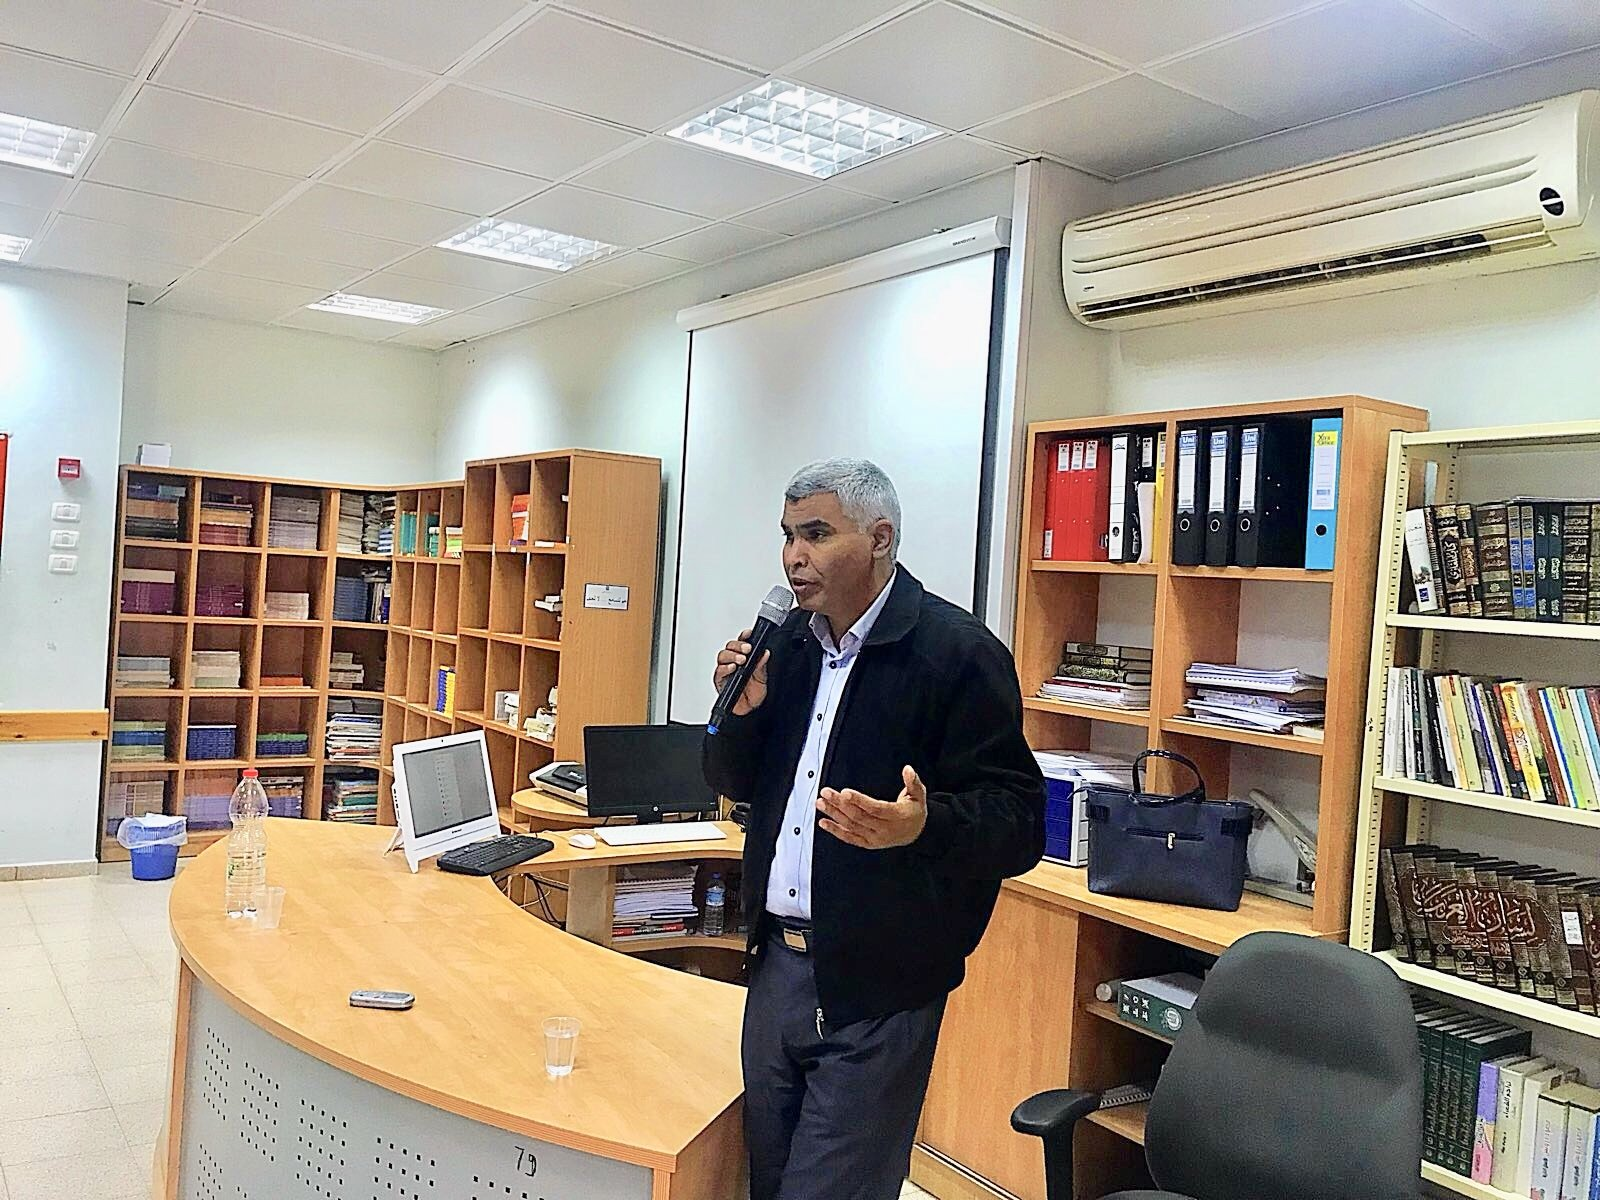 النائب سعيد الخرومي يحاضر في مدرسة اورط  الثانوية قصر السر